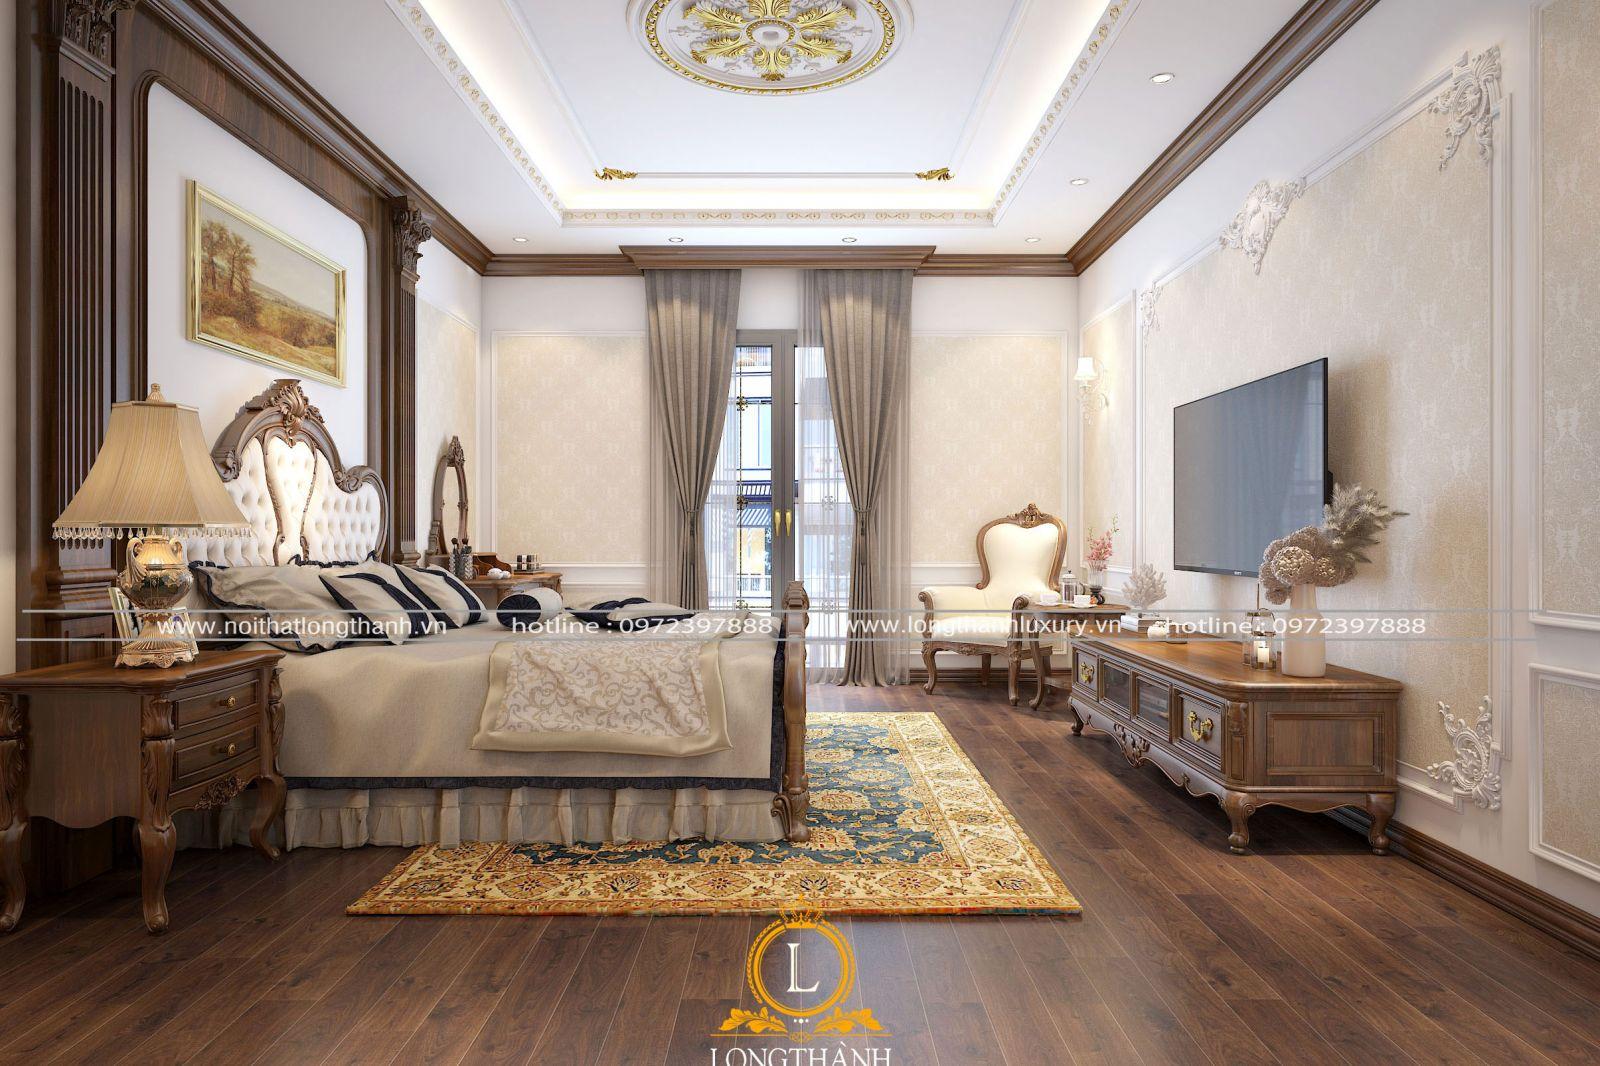 Không gian phòng ngủ thoáng đẹp